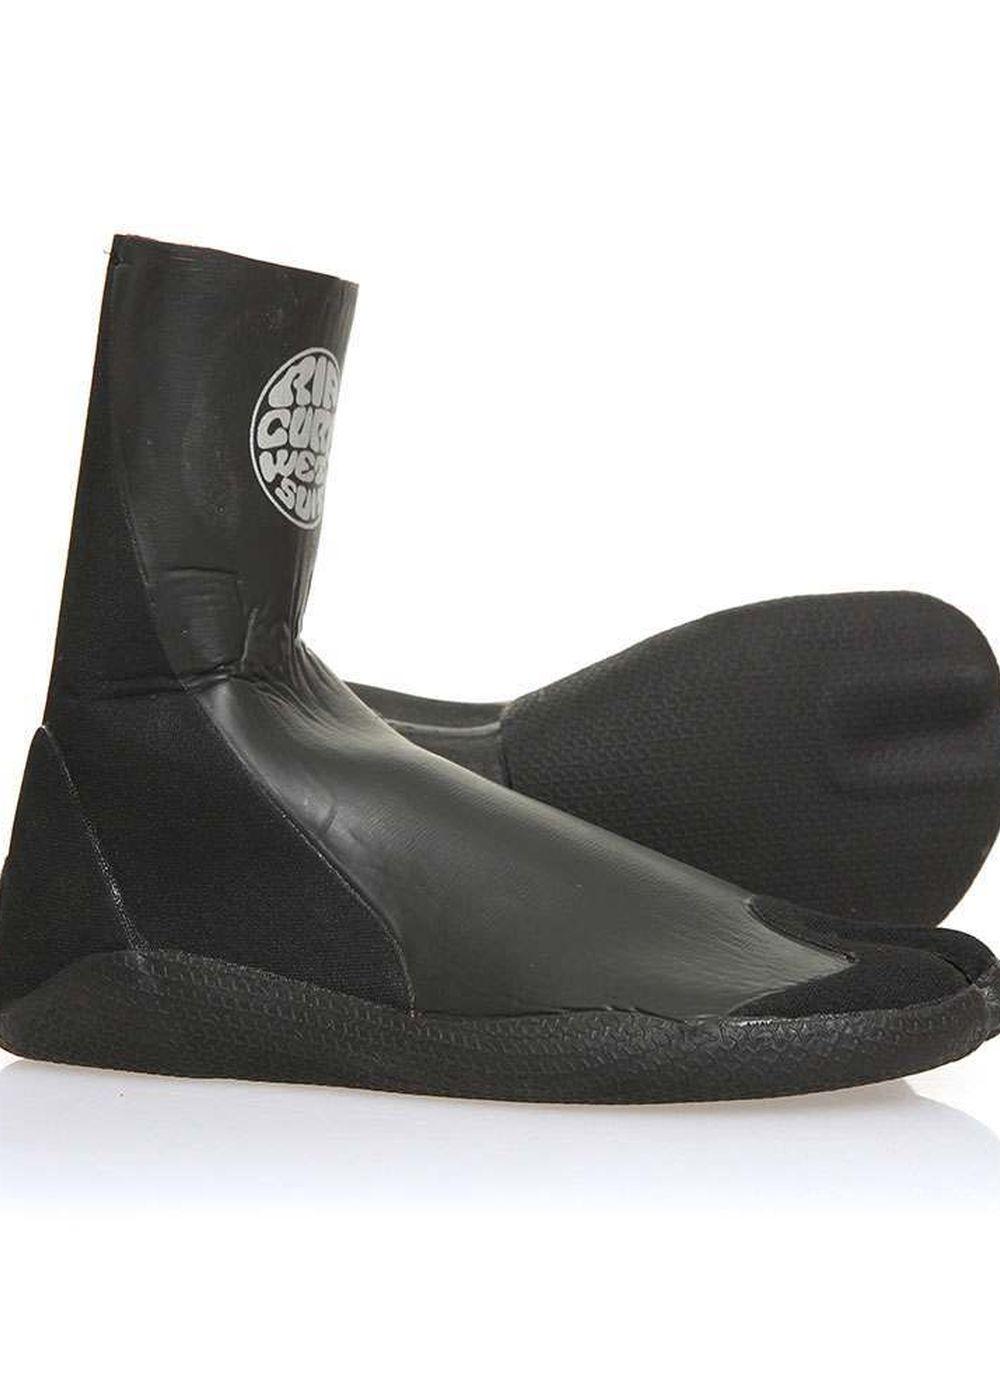 Ripcurl Rubber Soul 3mm Split Toe Wetsuit Boots Picture